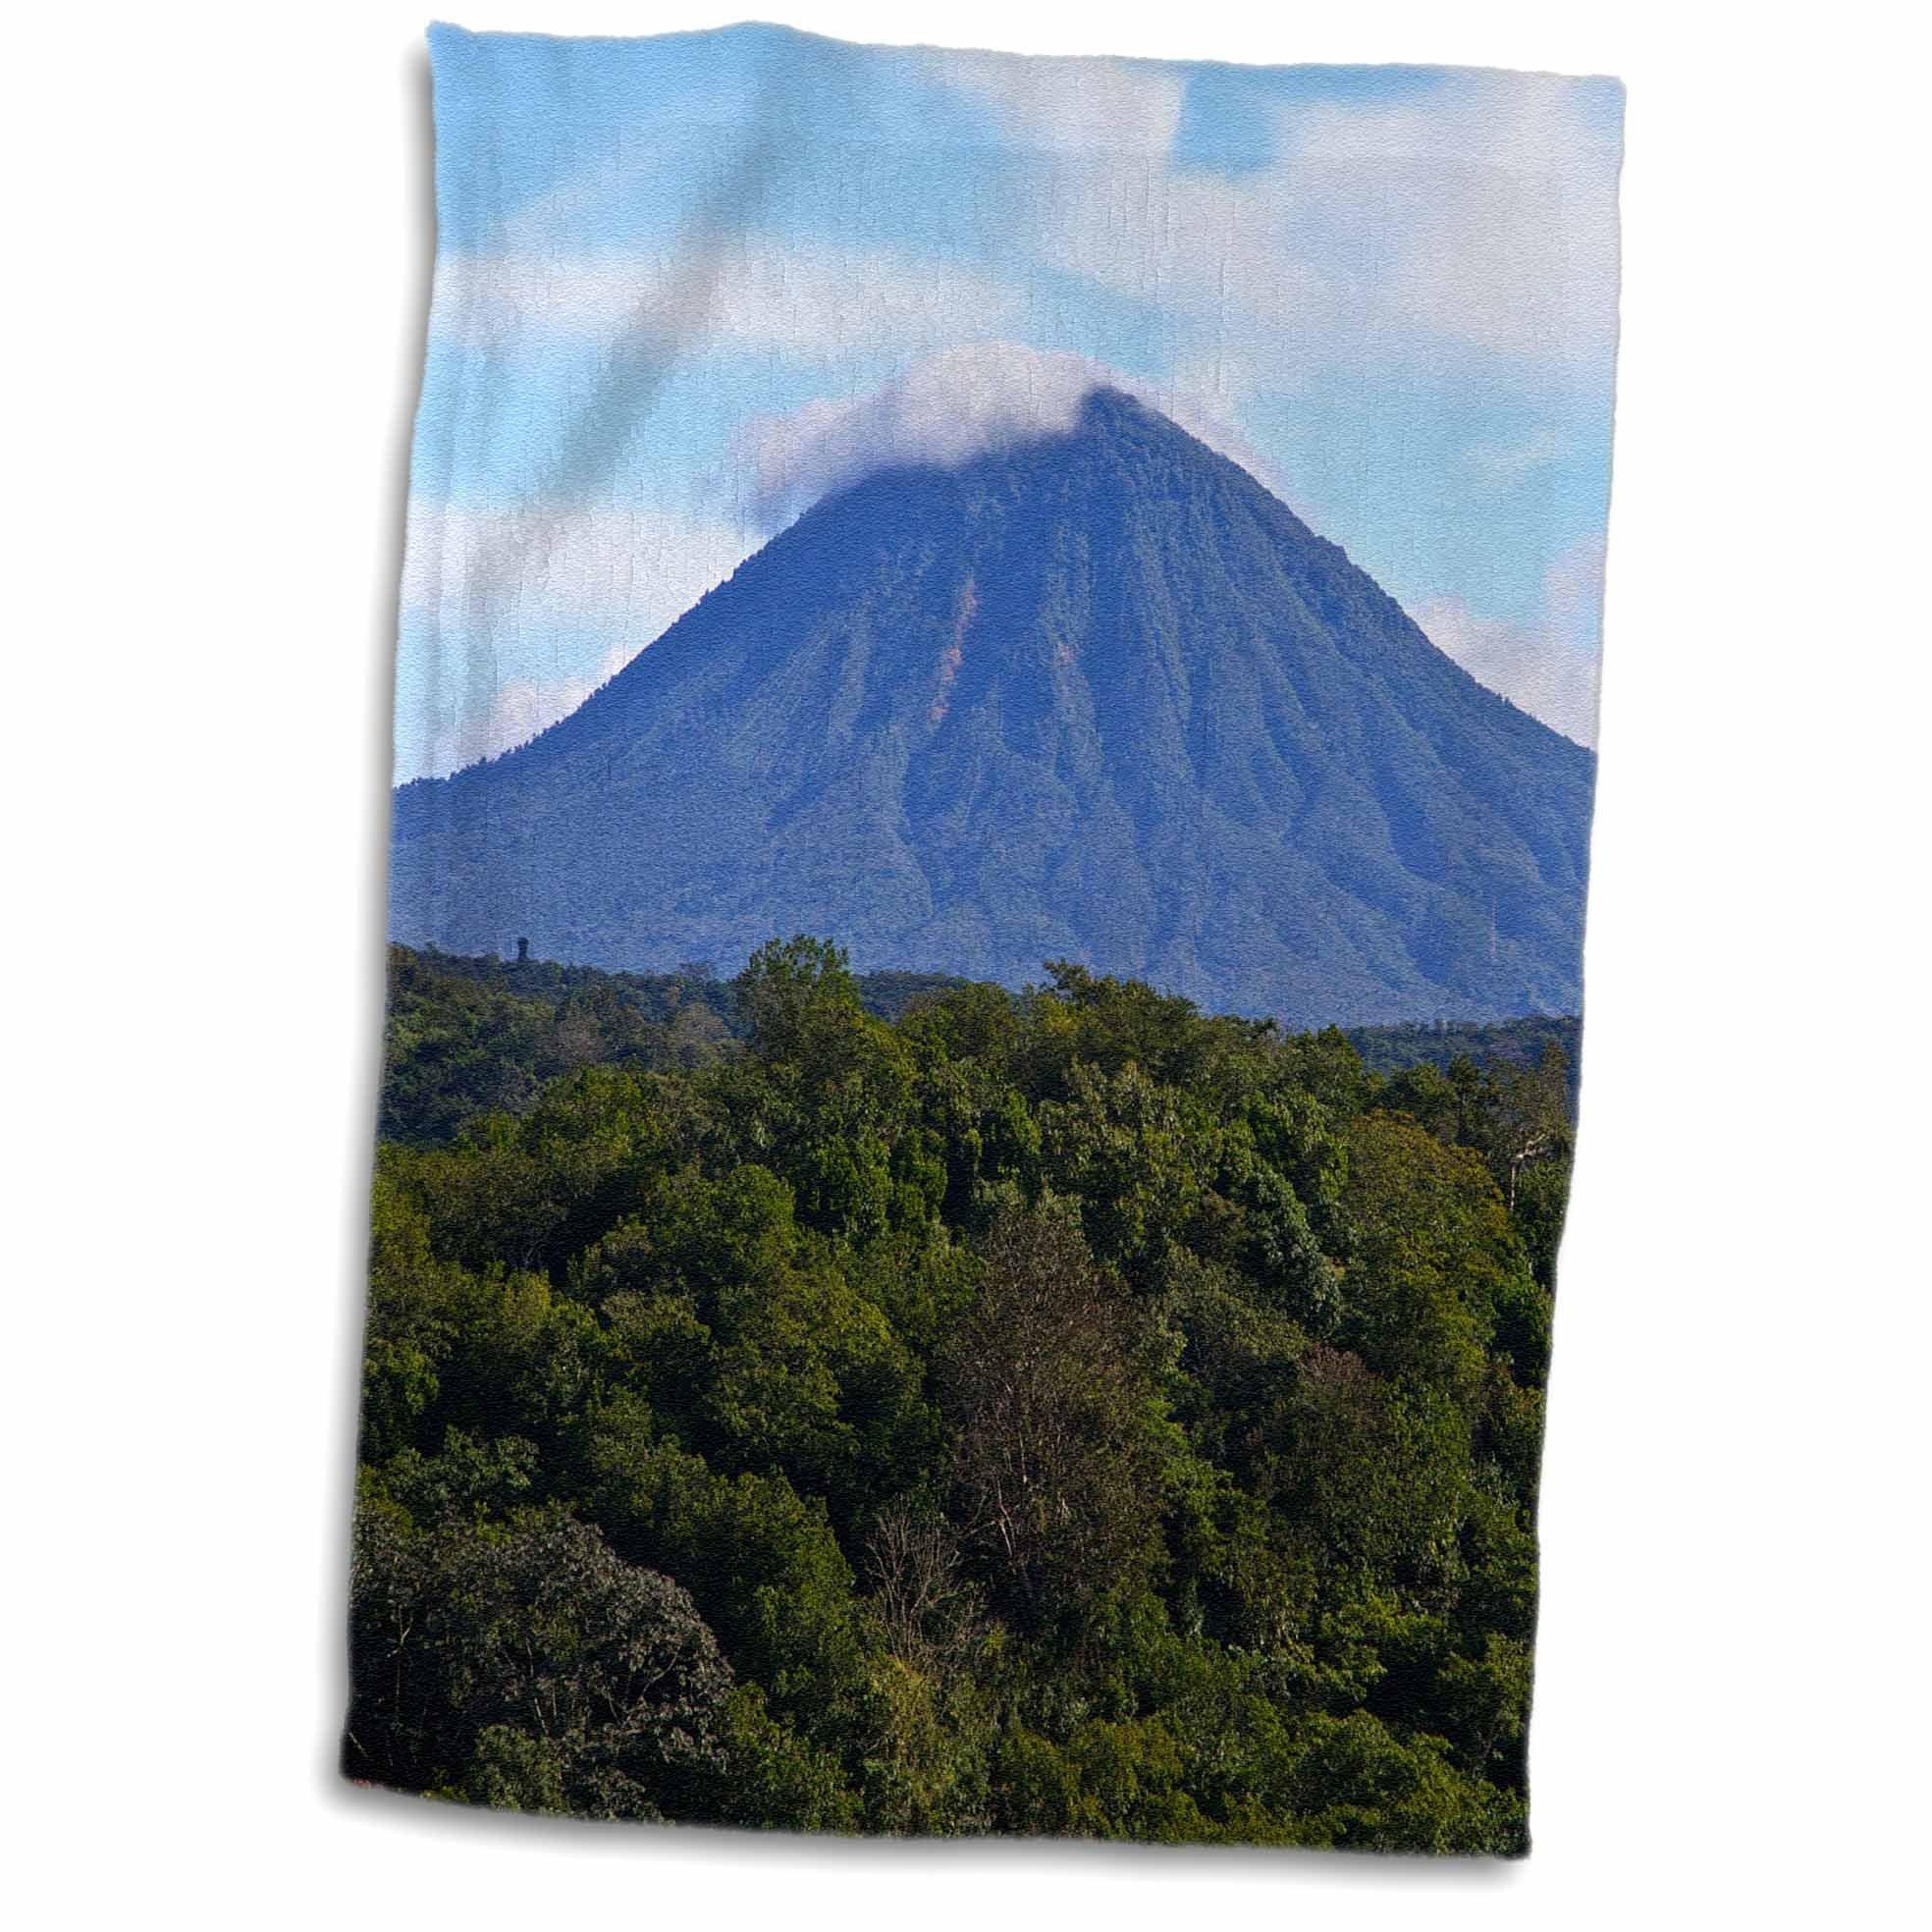 3D Rose El Salvador Central America. TWL_187729_1 Towel, 15'' x 22''